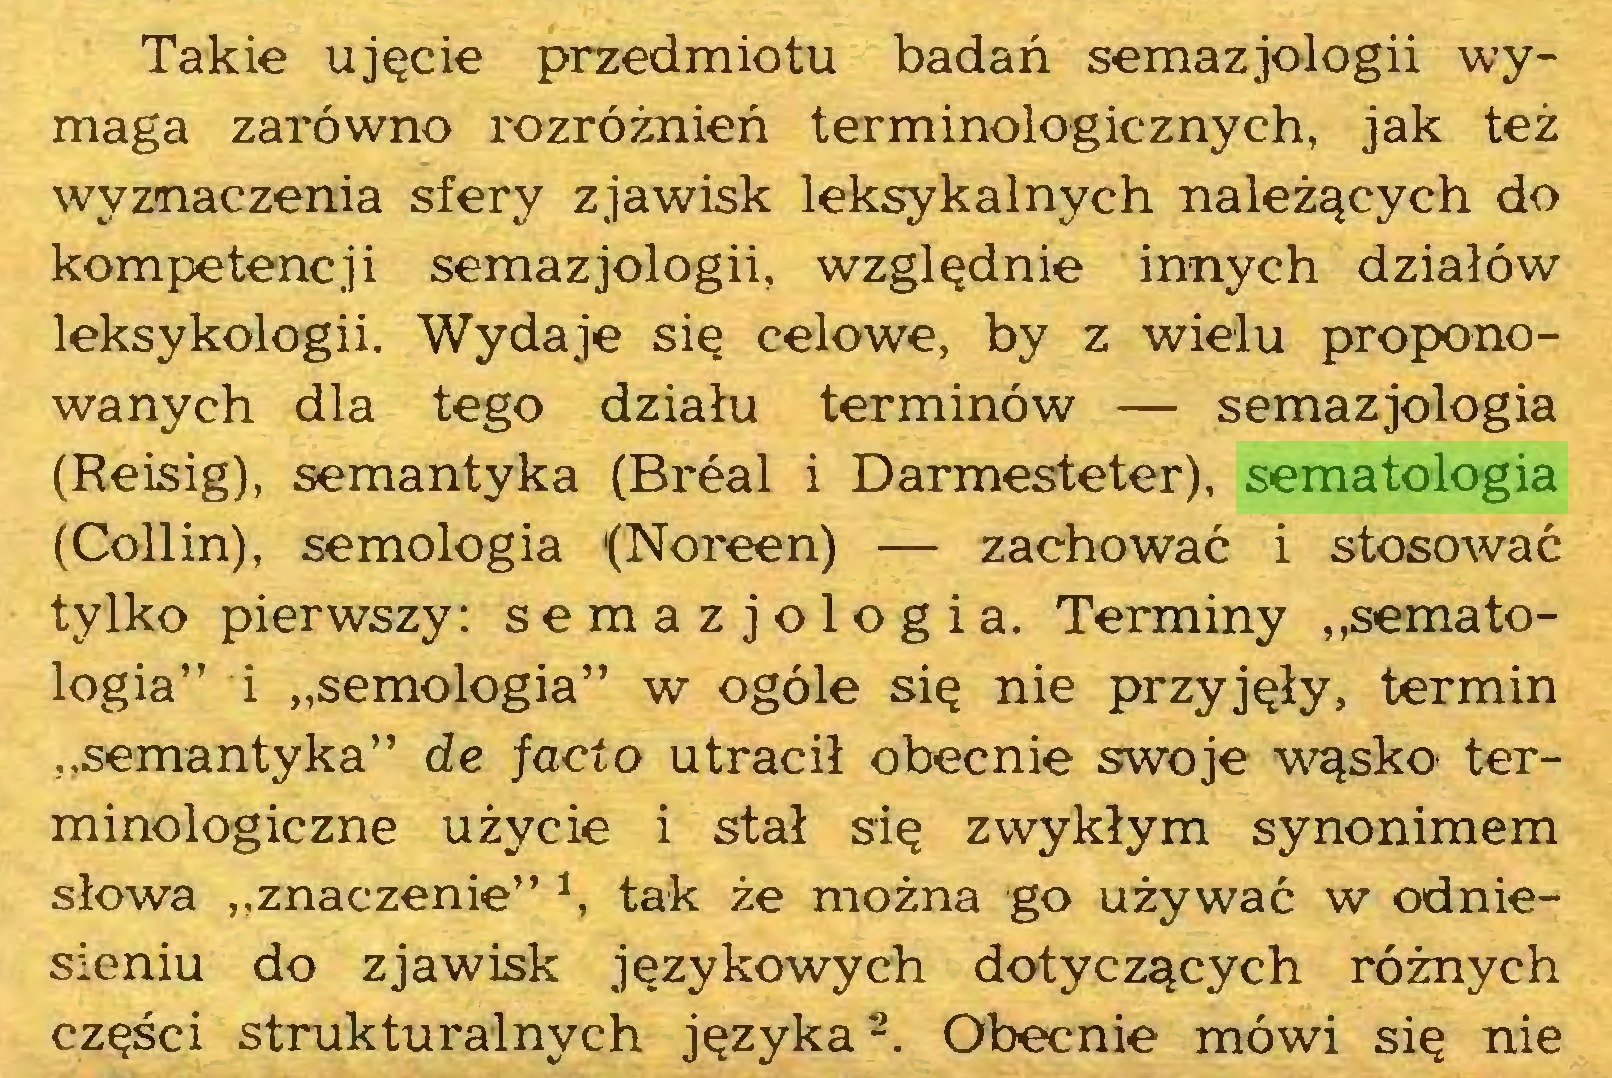 """(...) Takie ujęcie przedmiotu badań semazjologii wymaga zarówno rozróżnień terminologicznych, jak też wyznaczenia sfery zjawisk leksykalnych należących do kompetencji semazjologii, względnie innych działów leksykologii. Wydaje się celowe, by z wielu proponowanych dla tego działu terminów — semazjologia (Reisig), semantyka (Breal i Darmesteter), sematologia (Collin), semologia (Noreen) — zachować i stosować tylko pierwszy: semazjologia. Terminy """"sematologia"""" i """"semologia"""" w ogóle się nie przyjęły, termin """"semantyka"""" de facto utracił obecnie swoje wąsko terminologiczne użycie i stał się zwykłym synonimem słowa """"znaczenie"""" 1, tak że można go używać w odniesieniu do zjawisk językowych dotyczących różnych części strukturalnych języka1  2. Obecnie mówi się nie..."""